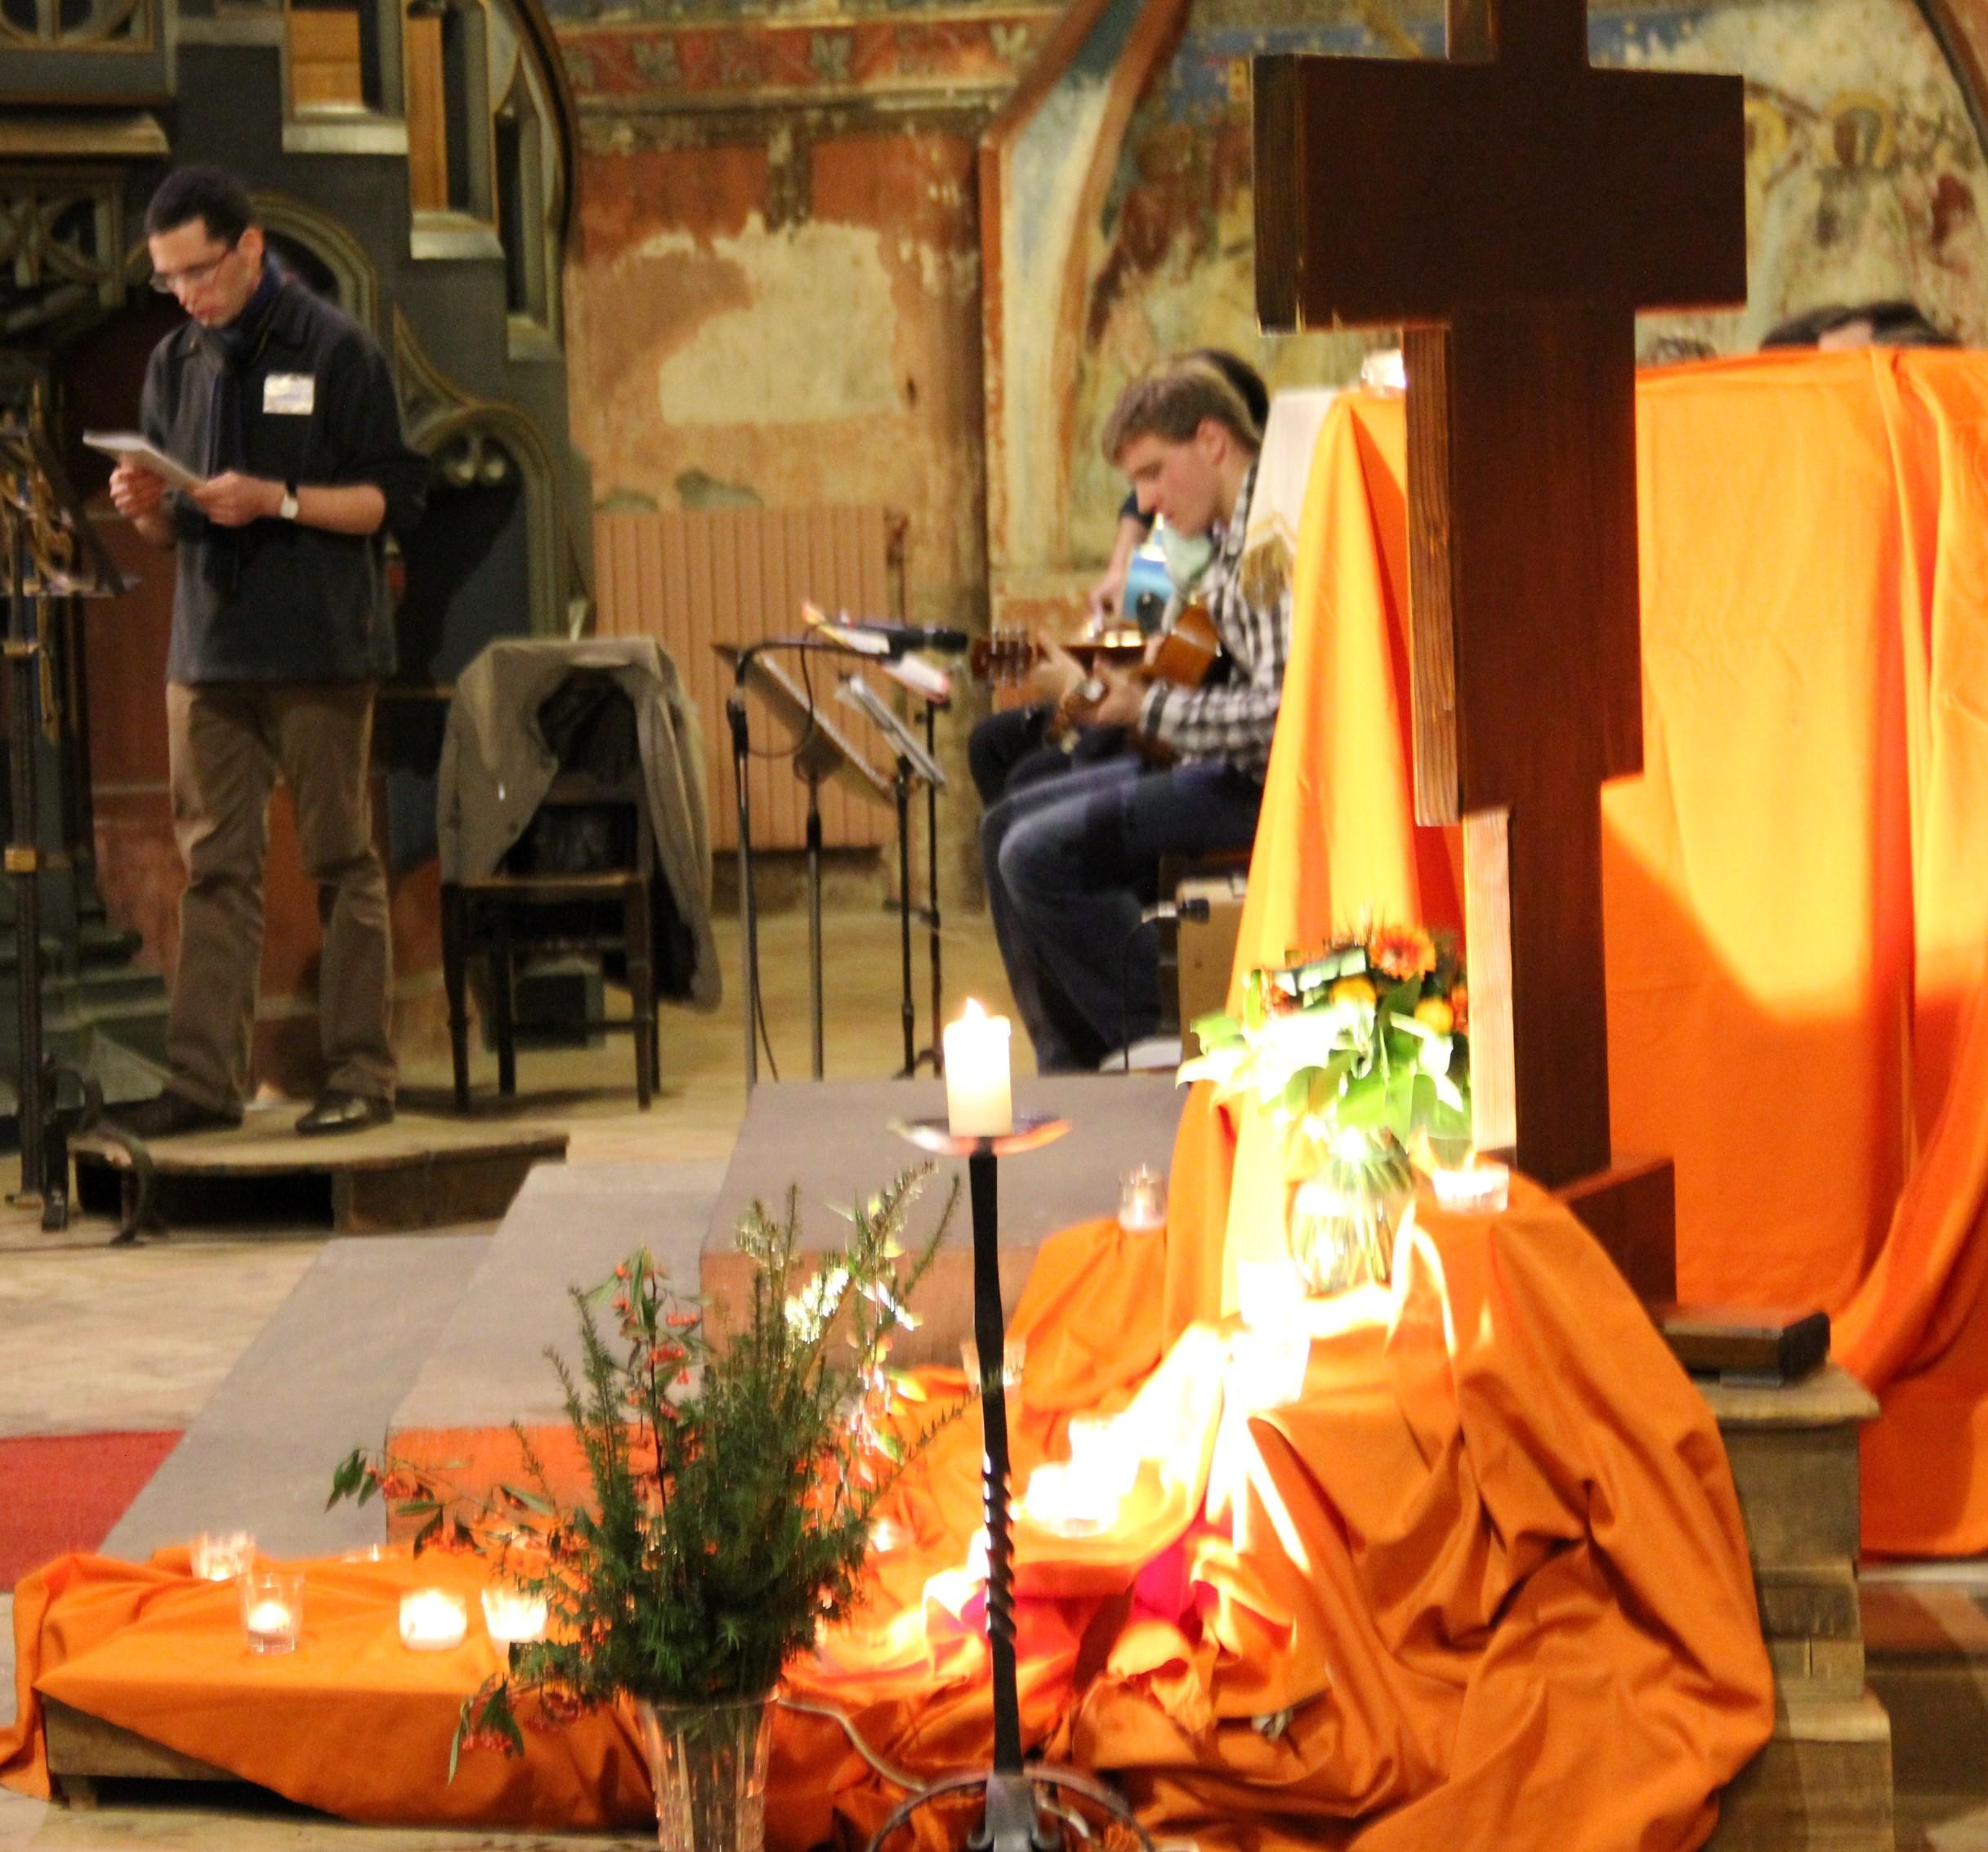 Samedi 26 octobre : Journée des bénévoles de l'Union des Eglises Protestantes d'Alsace et de Lorraine à Saint-Pierre-le-Jeune